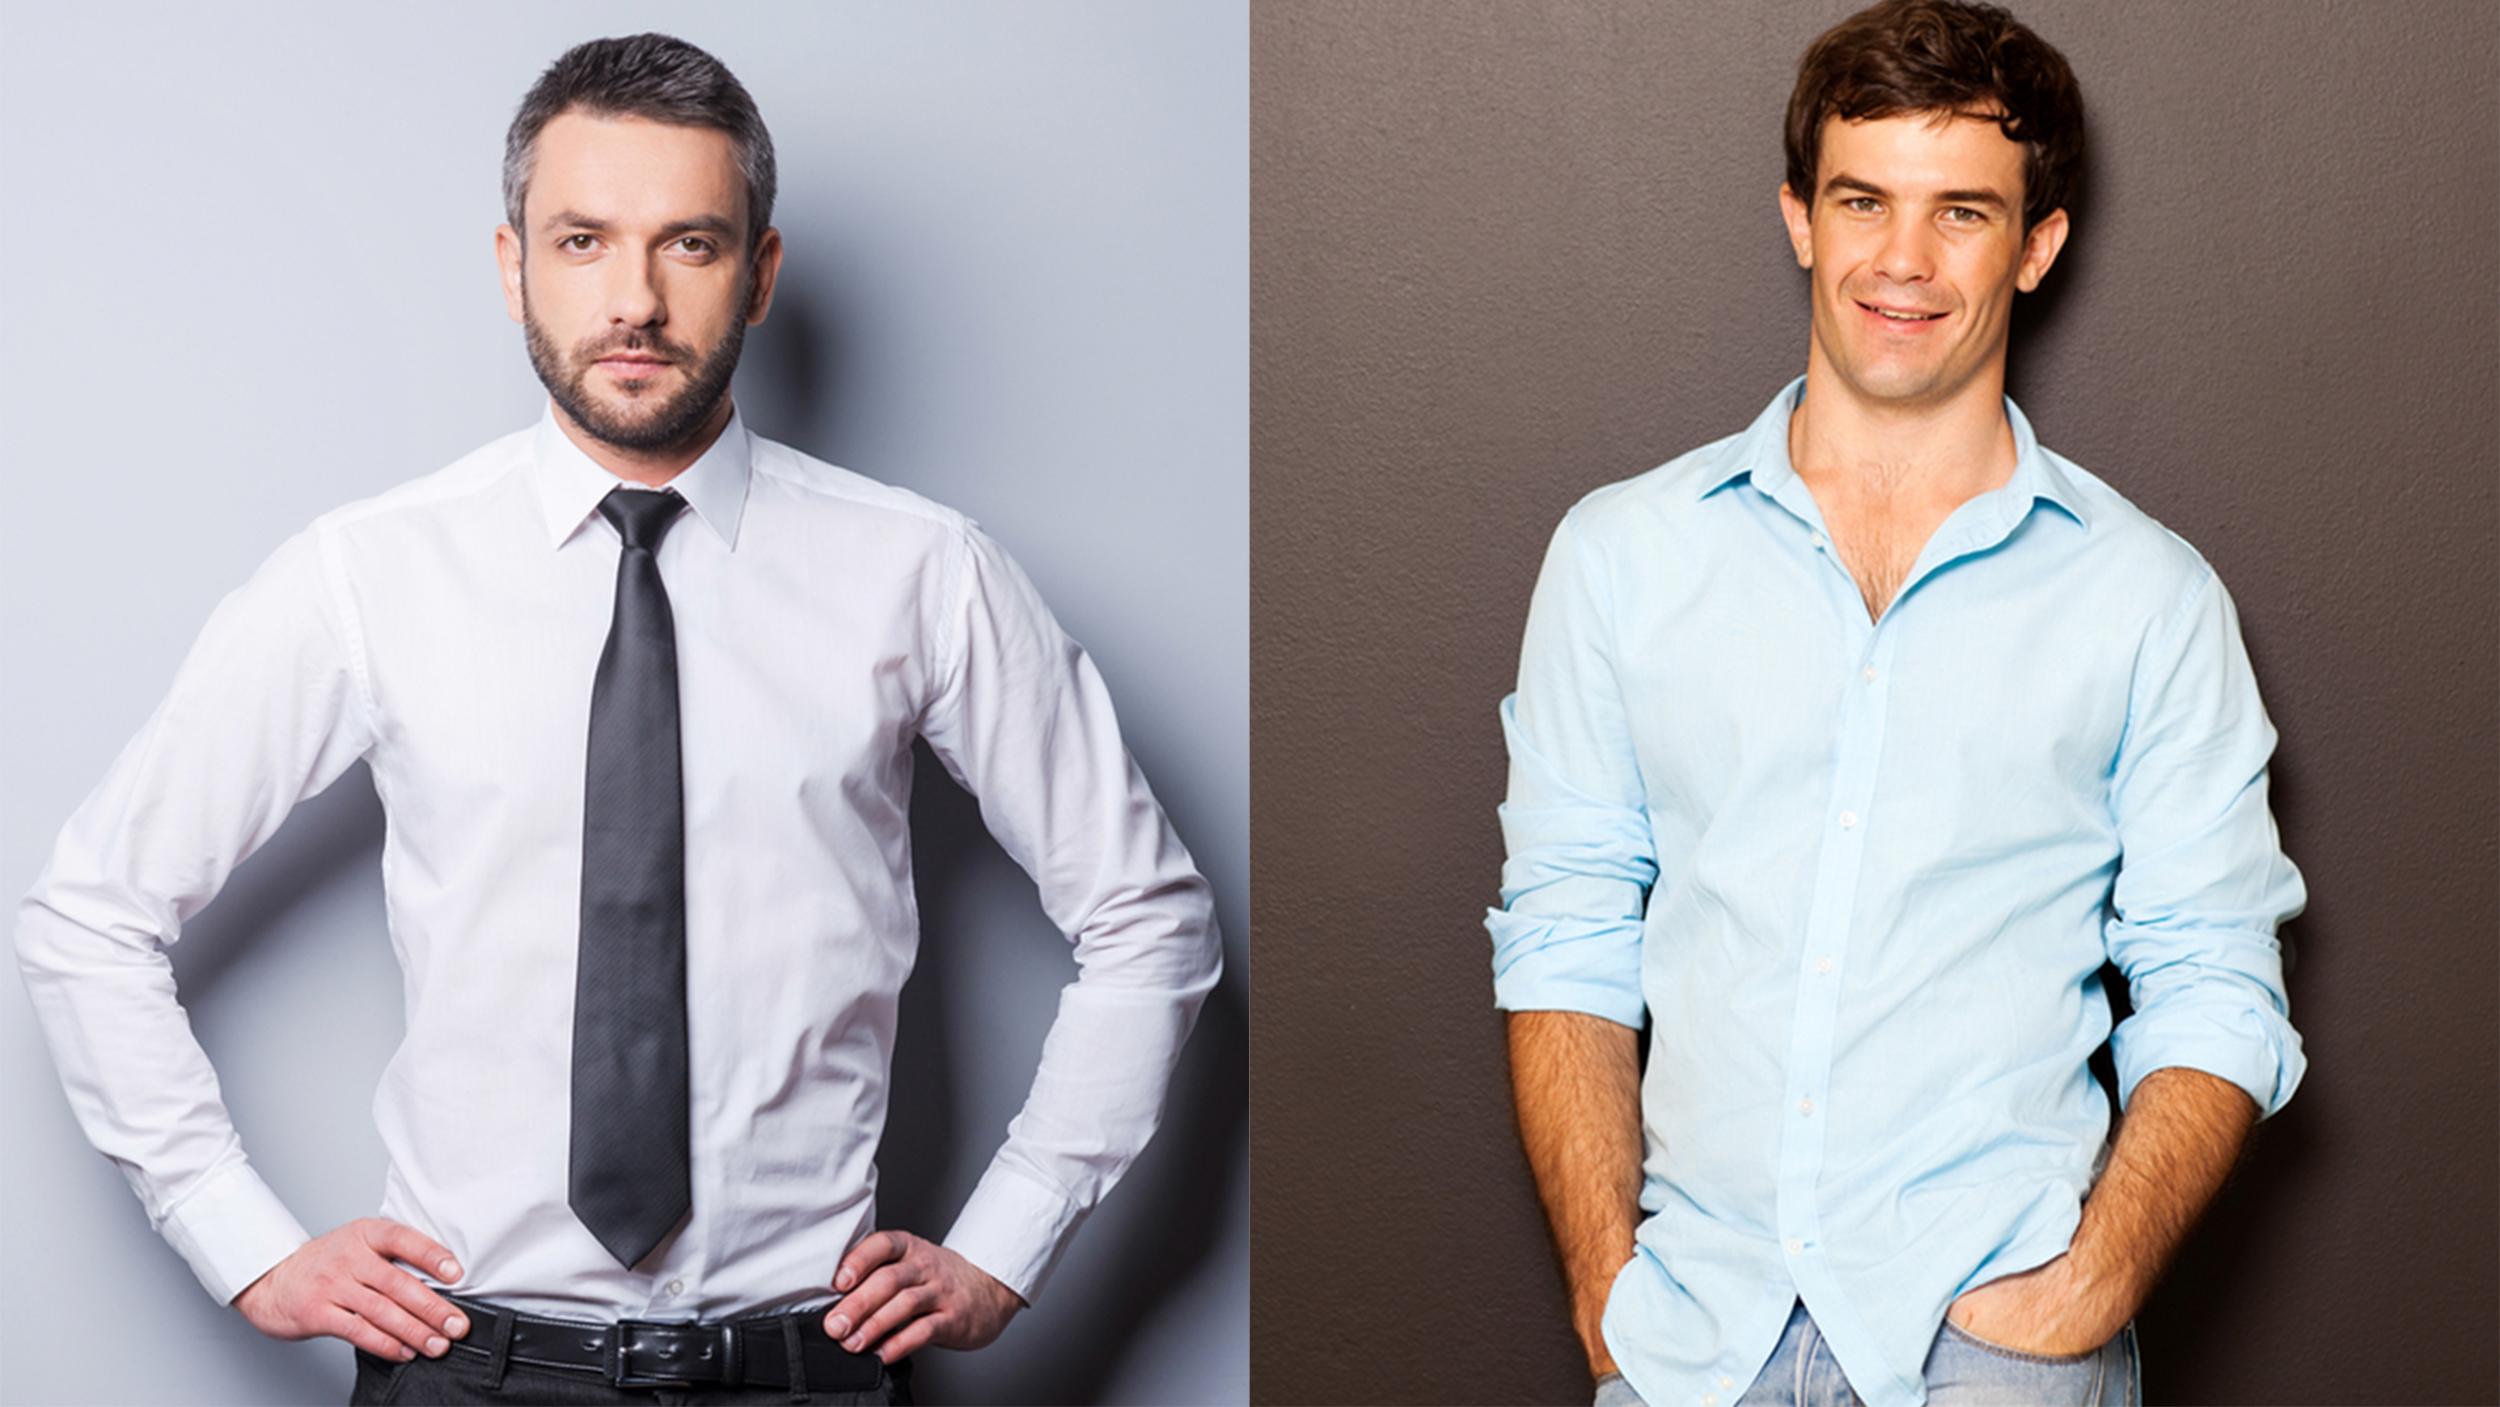 Eşcinsel ve Heteroseksüel Erkekler Arasındaki Farklar